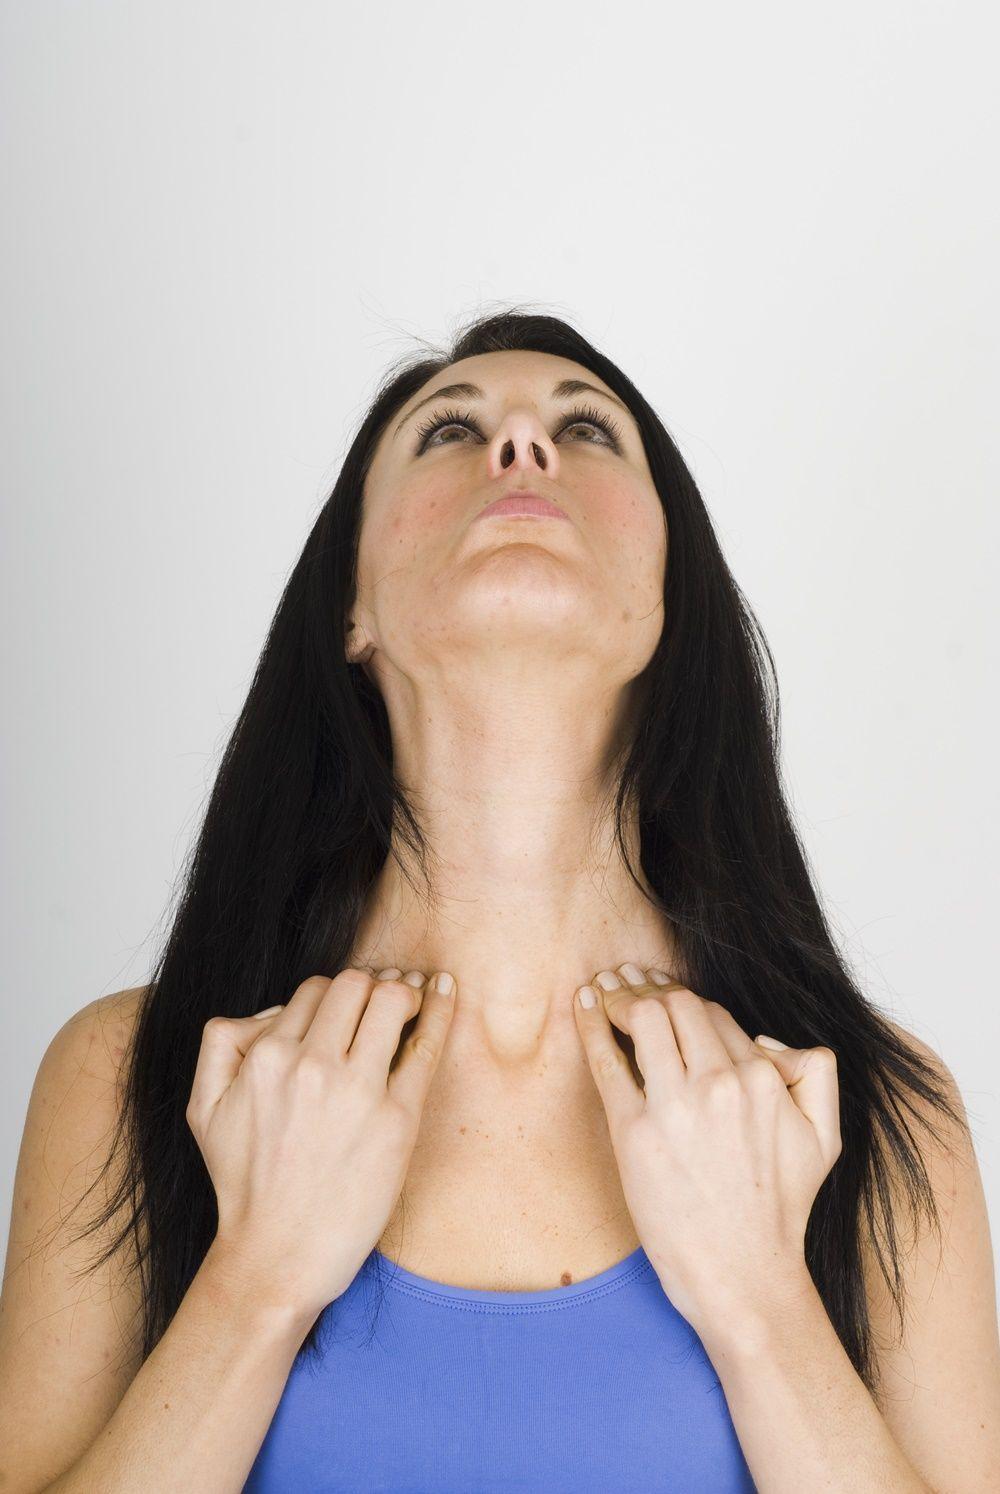 5 Gerakan Senam Wajah Ini Manfaatnya Setara Operasi Kecantikan